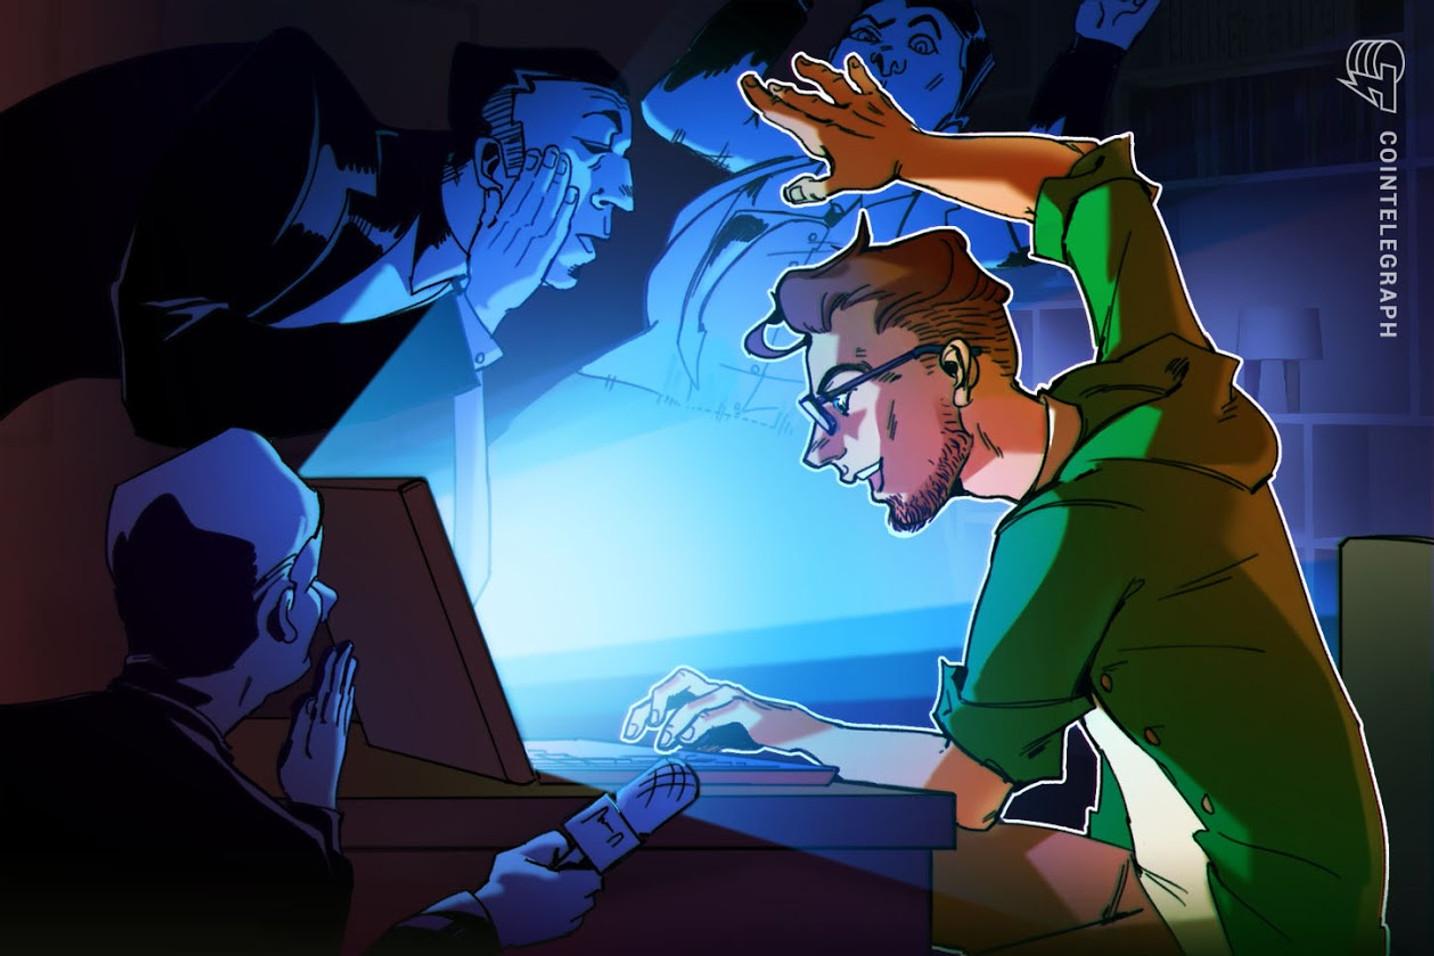 """Pesquisa: Homens """"millennials"""" de alto rendimento estão mais interessados em investir em cripto"""